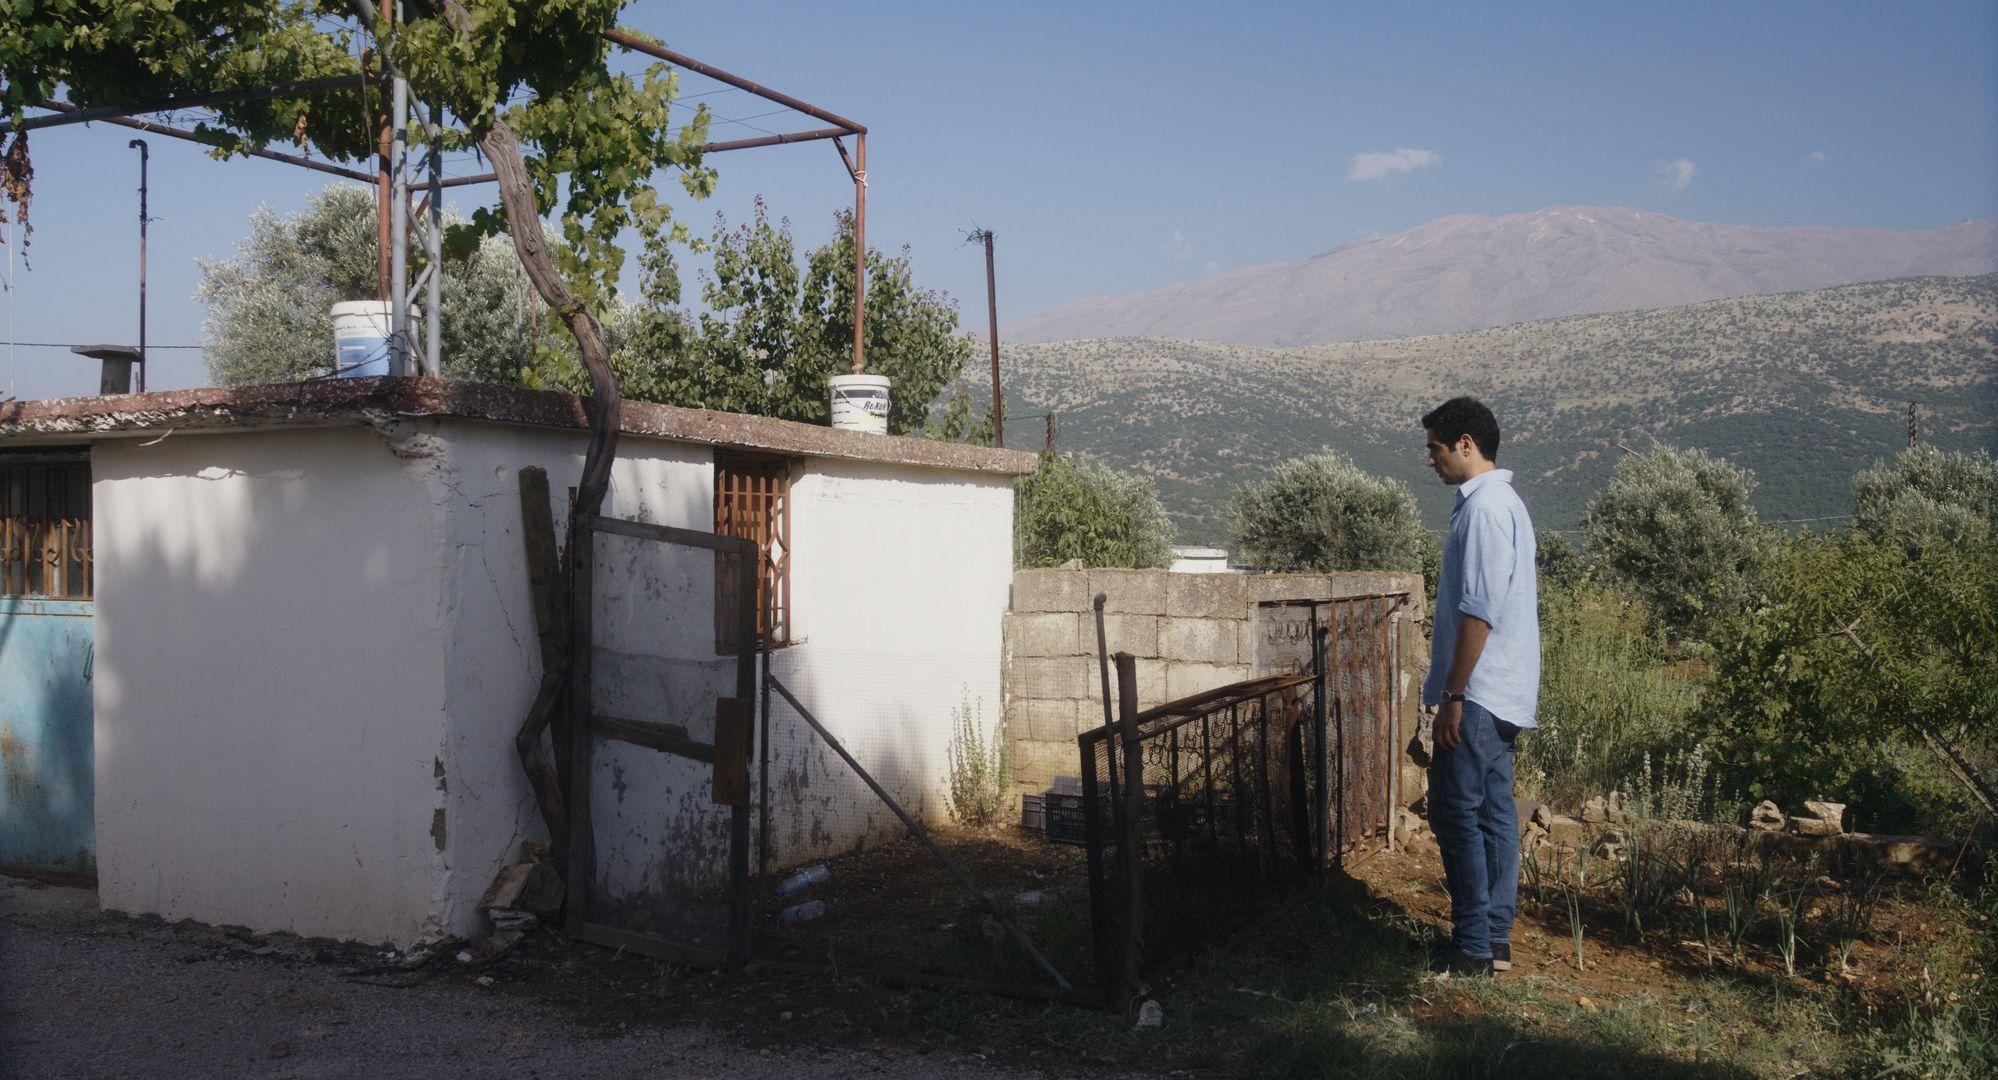 """Résultat de recherche d'images pour """"""""Bruxelles-Beyrouth"""" (Thibaut Wohlfahrt et Samir Youssef) photos"""""""